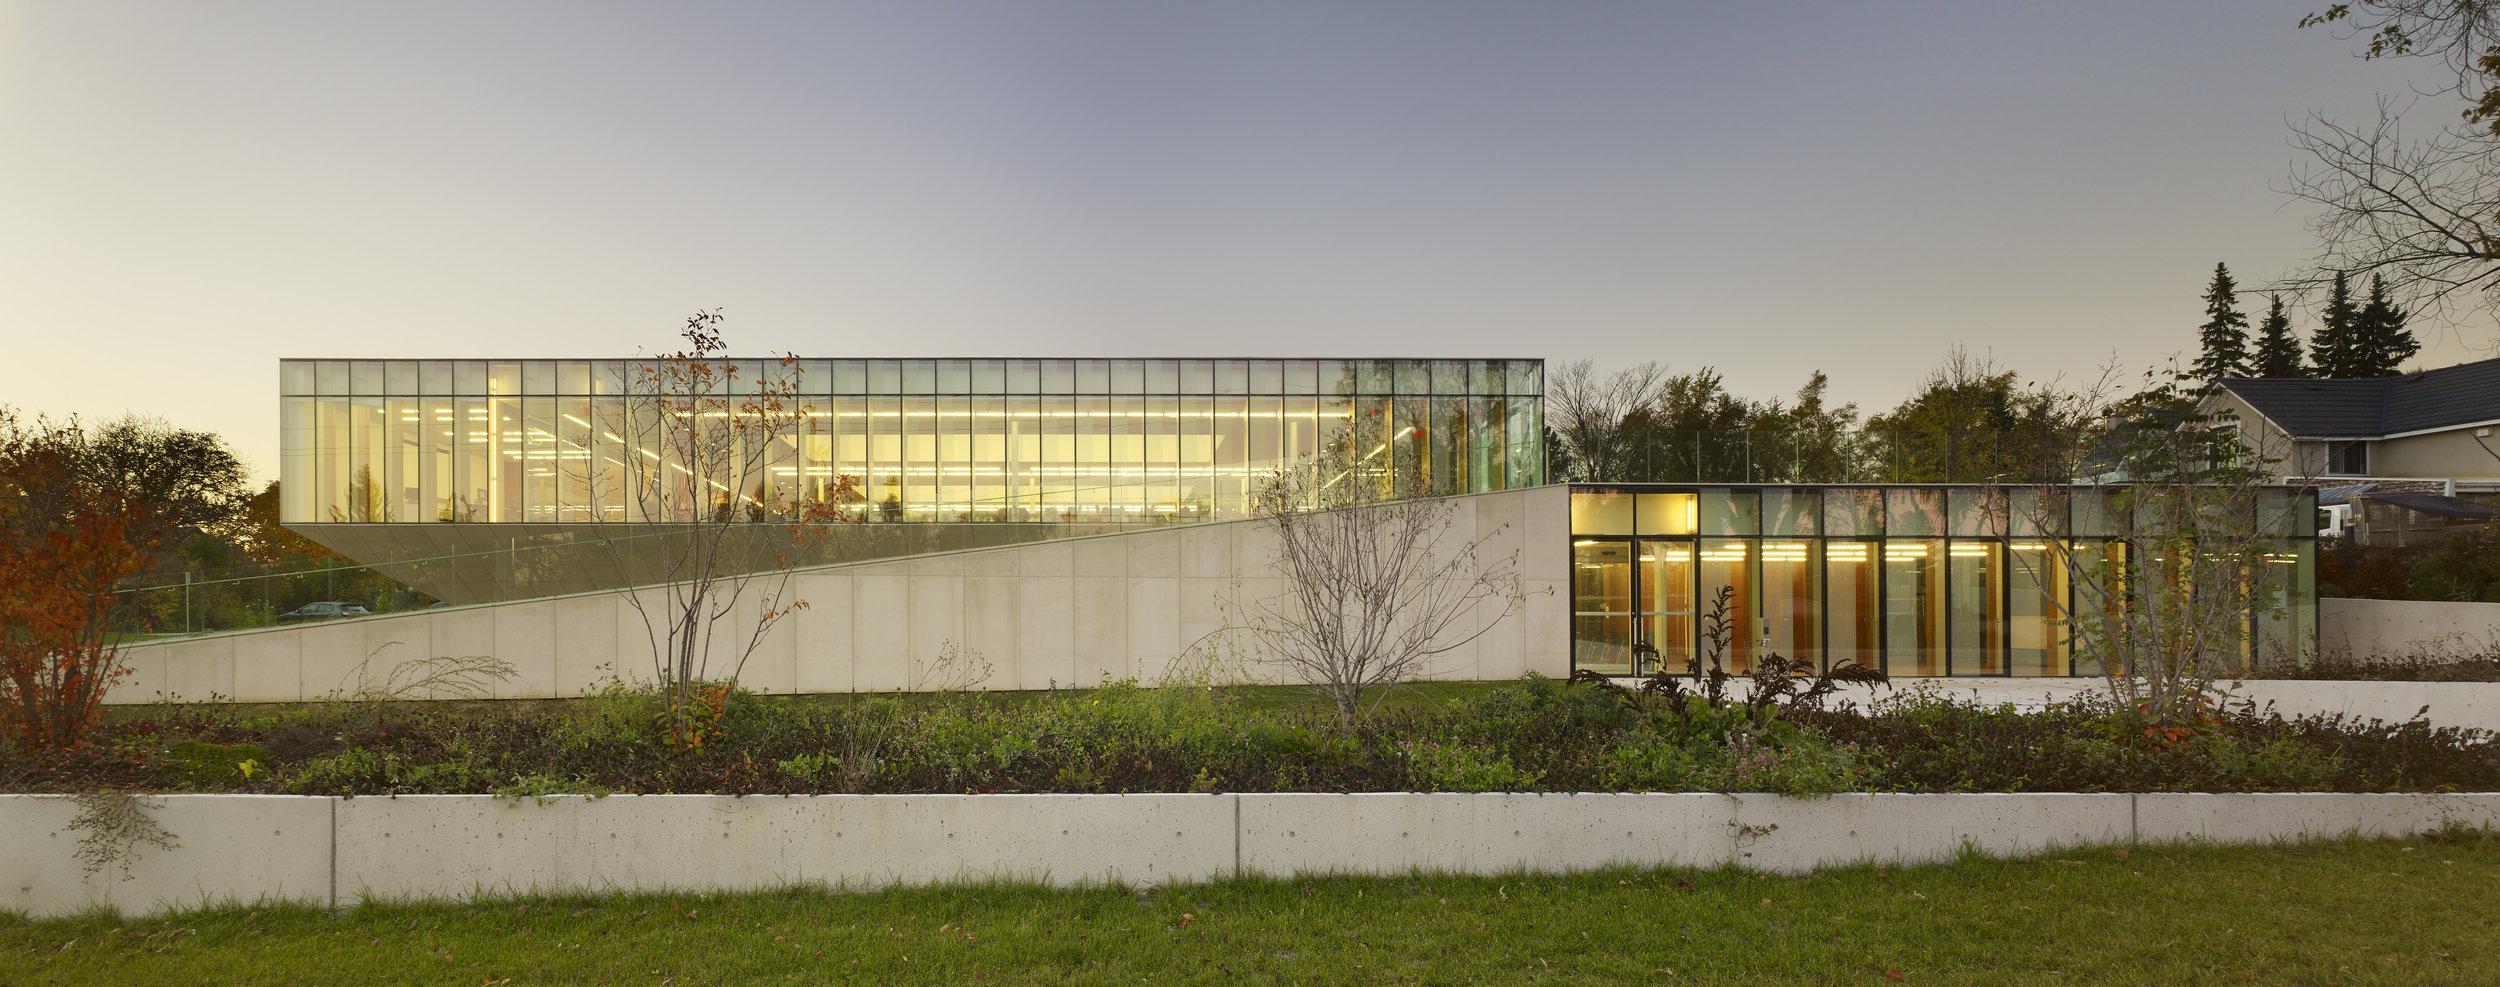 Waterdown Library 34.jpg